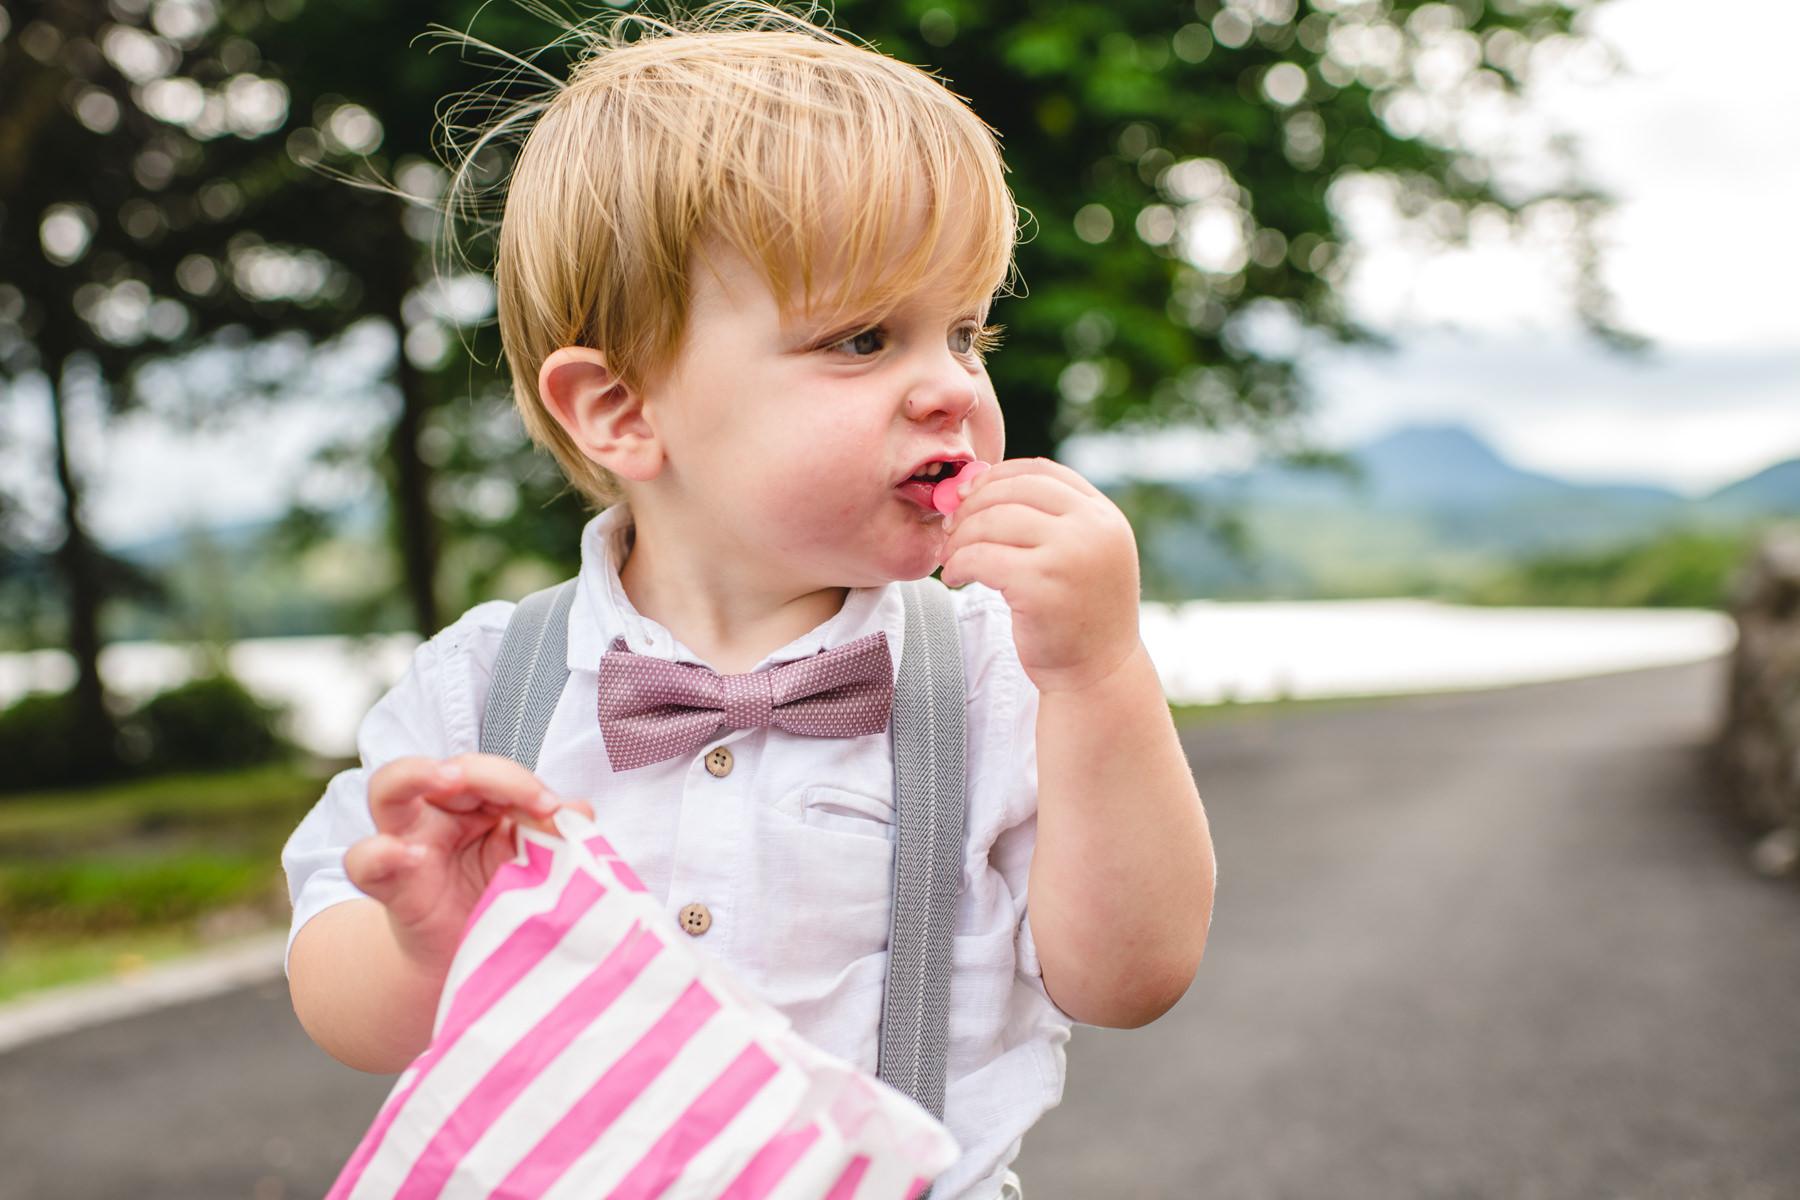 kid eating sweets at wedding